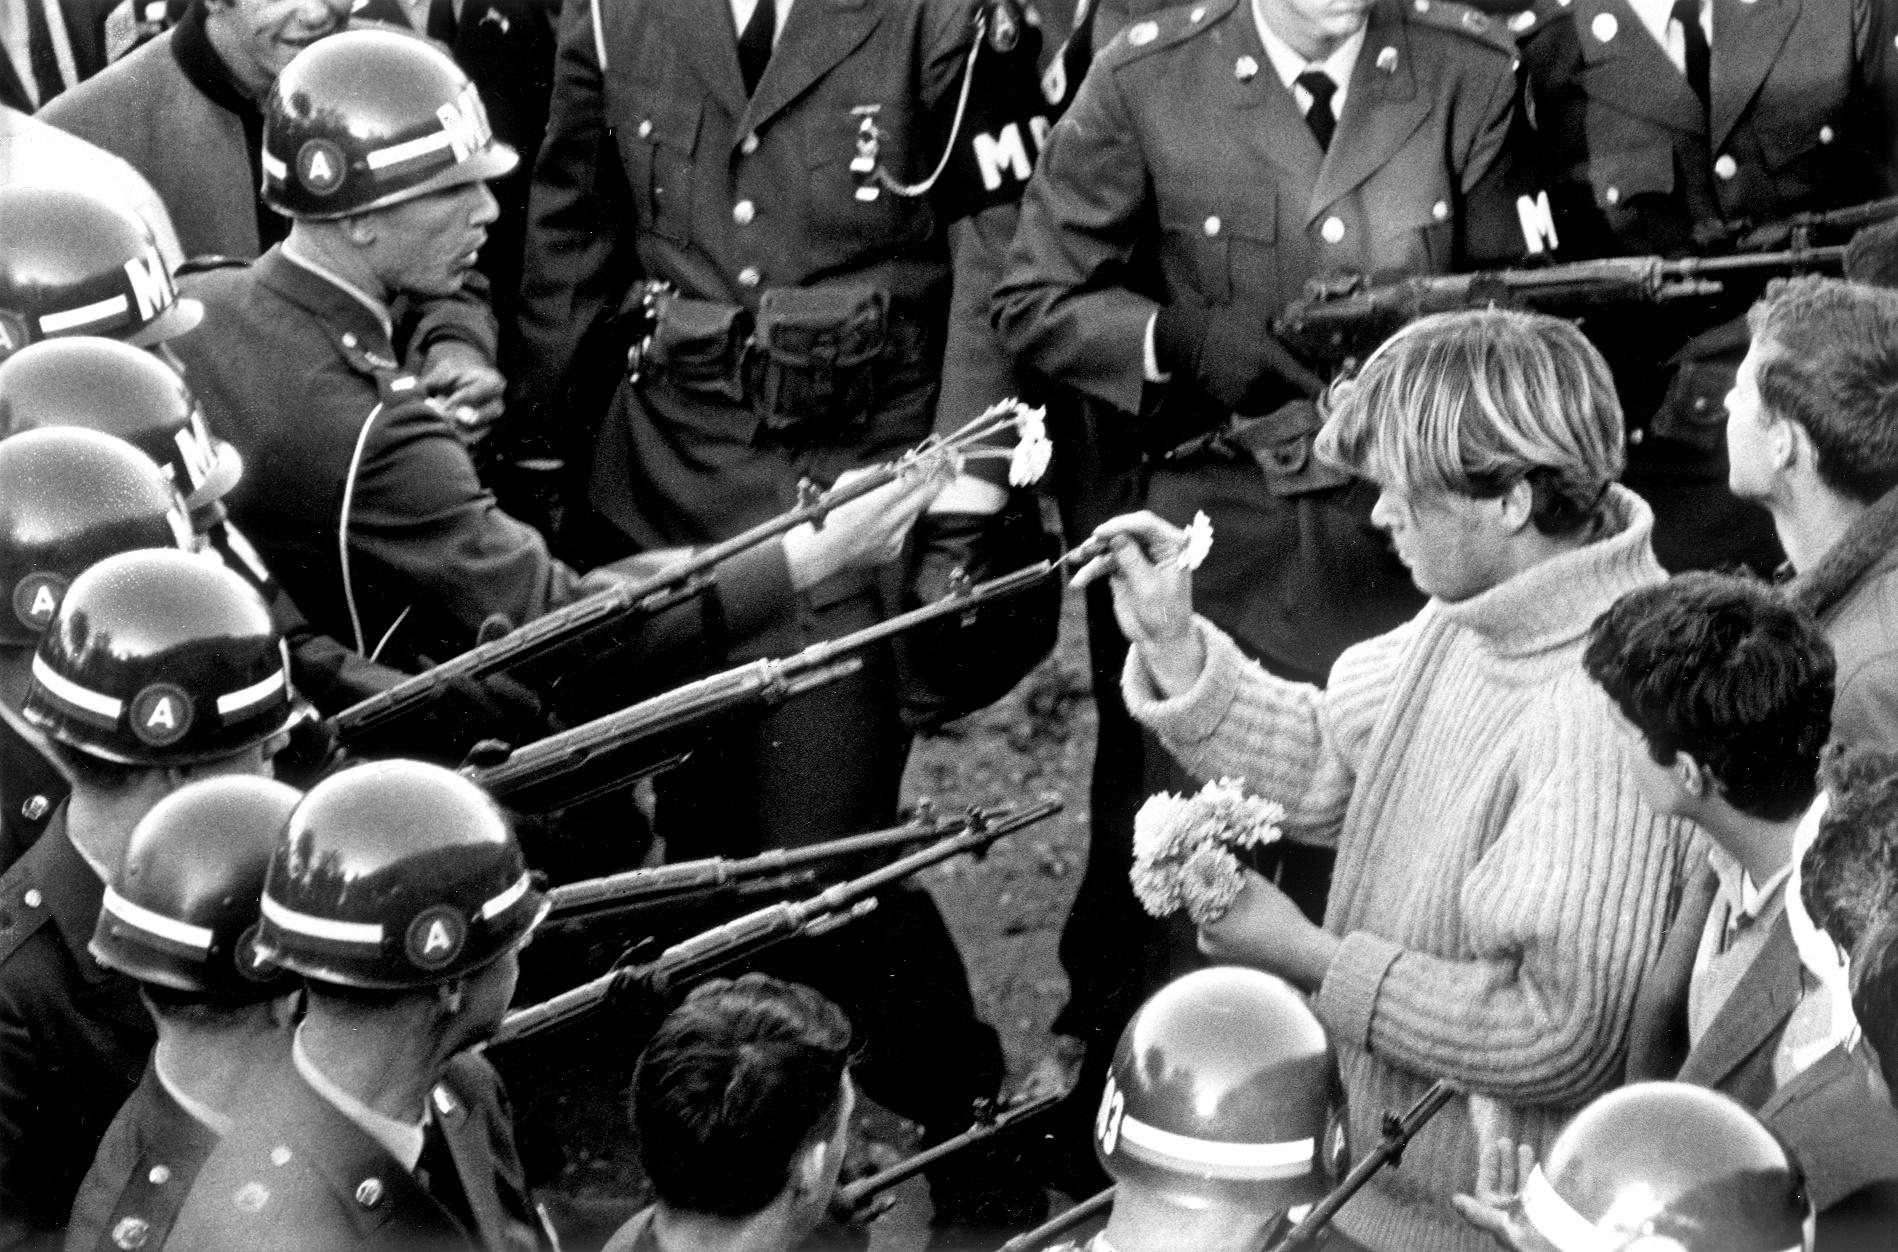 Em 1967, em frente ao Pentagono, nos EUA, um ativista põe flores no cano das armas. Foto de Bernie Boston/The Washington Post/via Getty Images